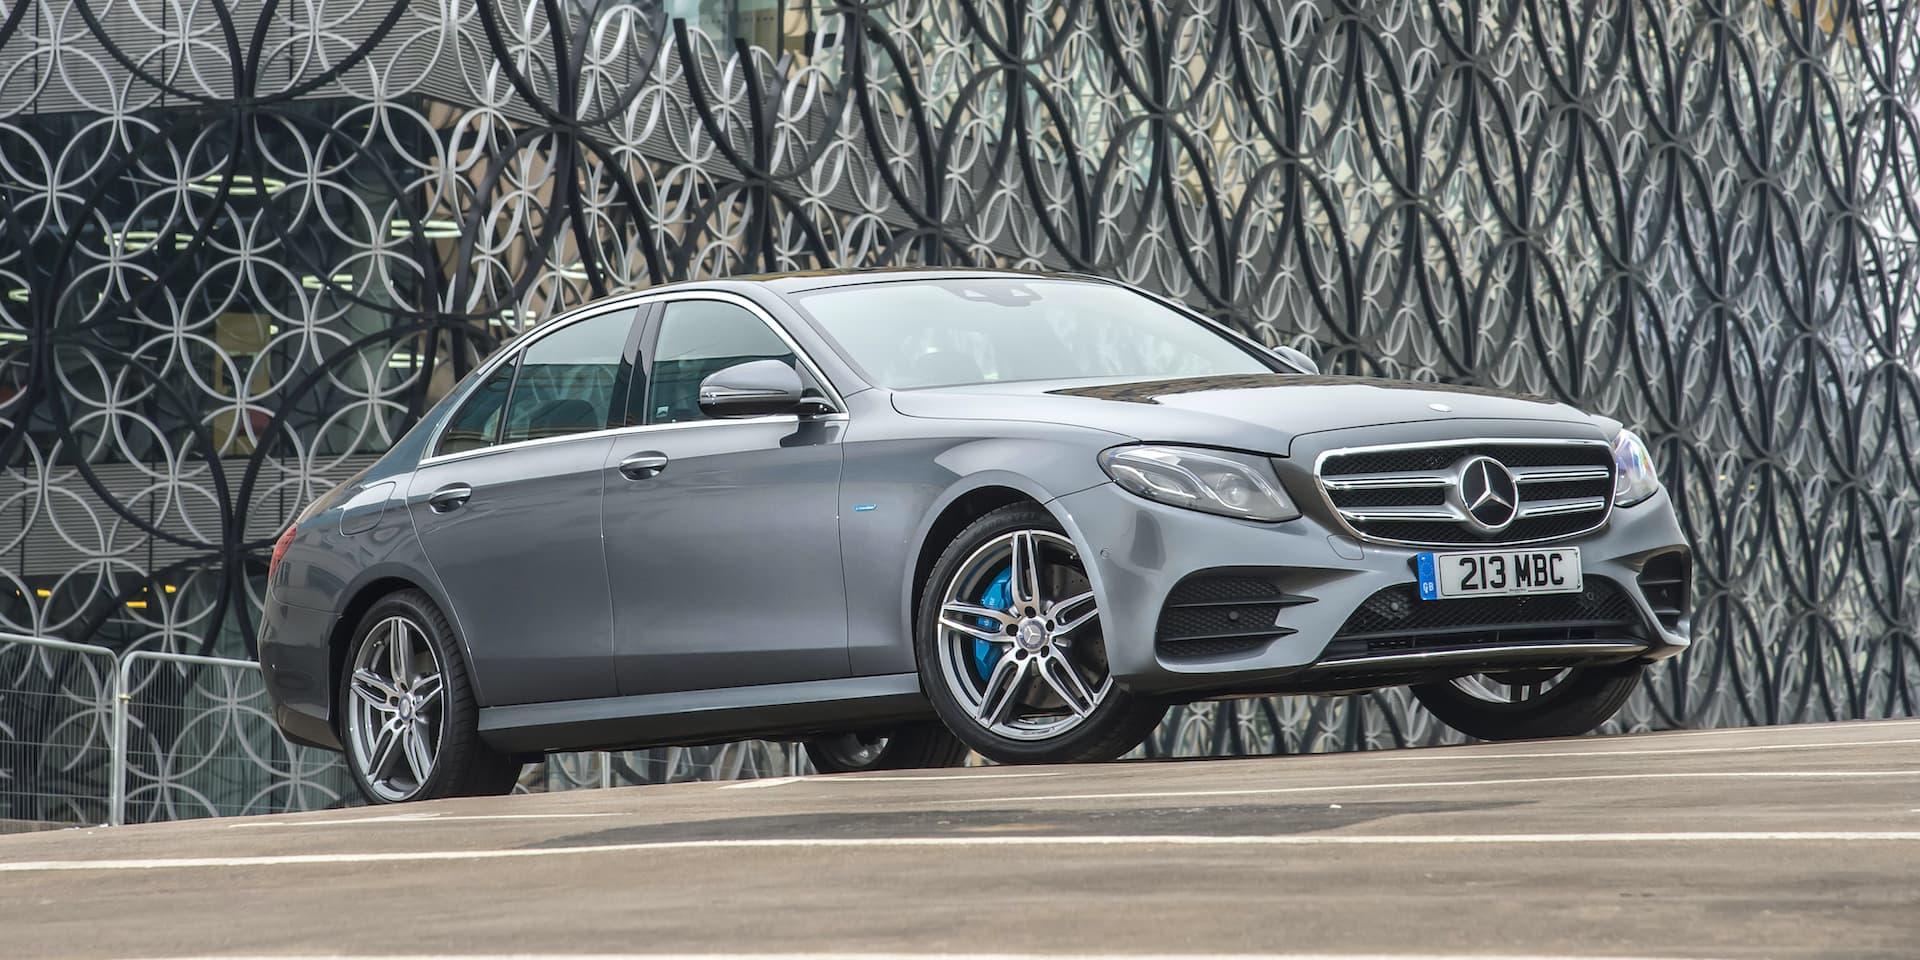 Mercedes-Benz E-Class (2016 - 2020) Expert Rating